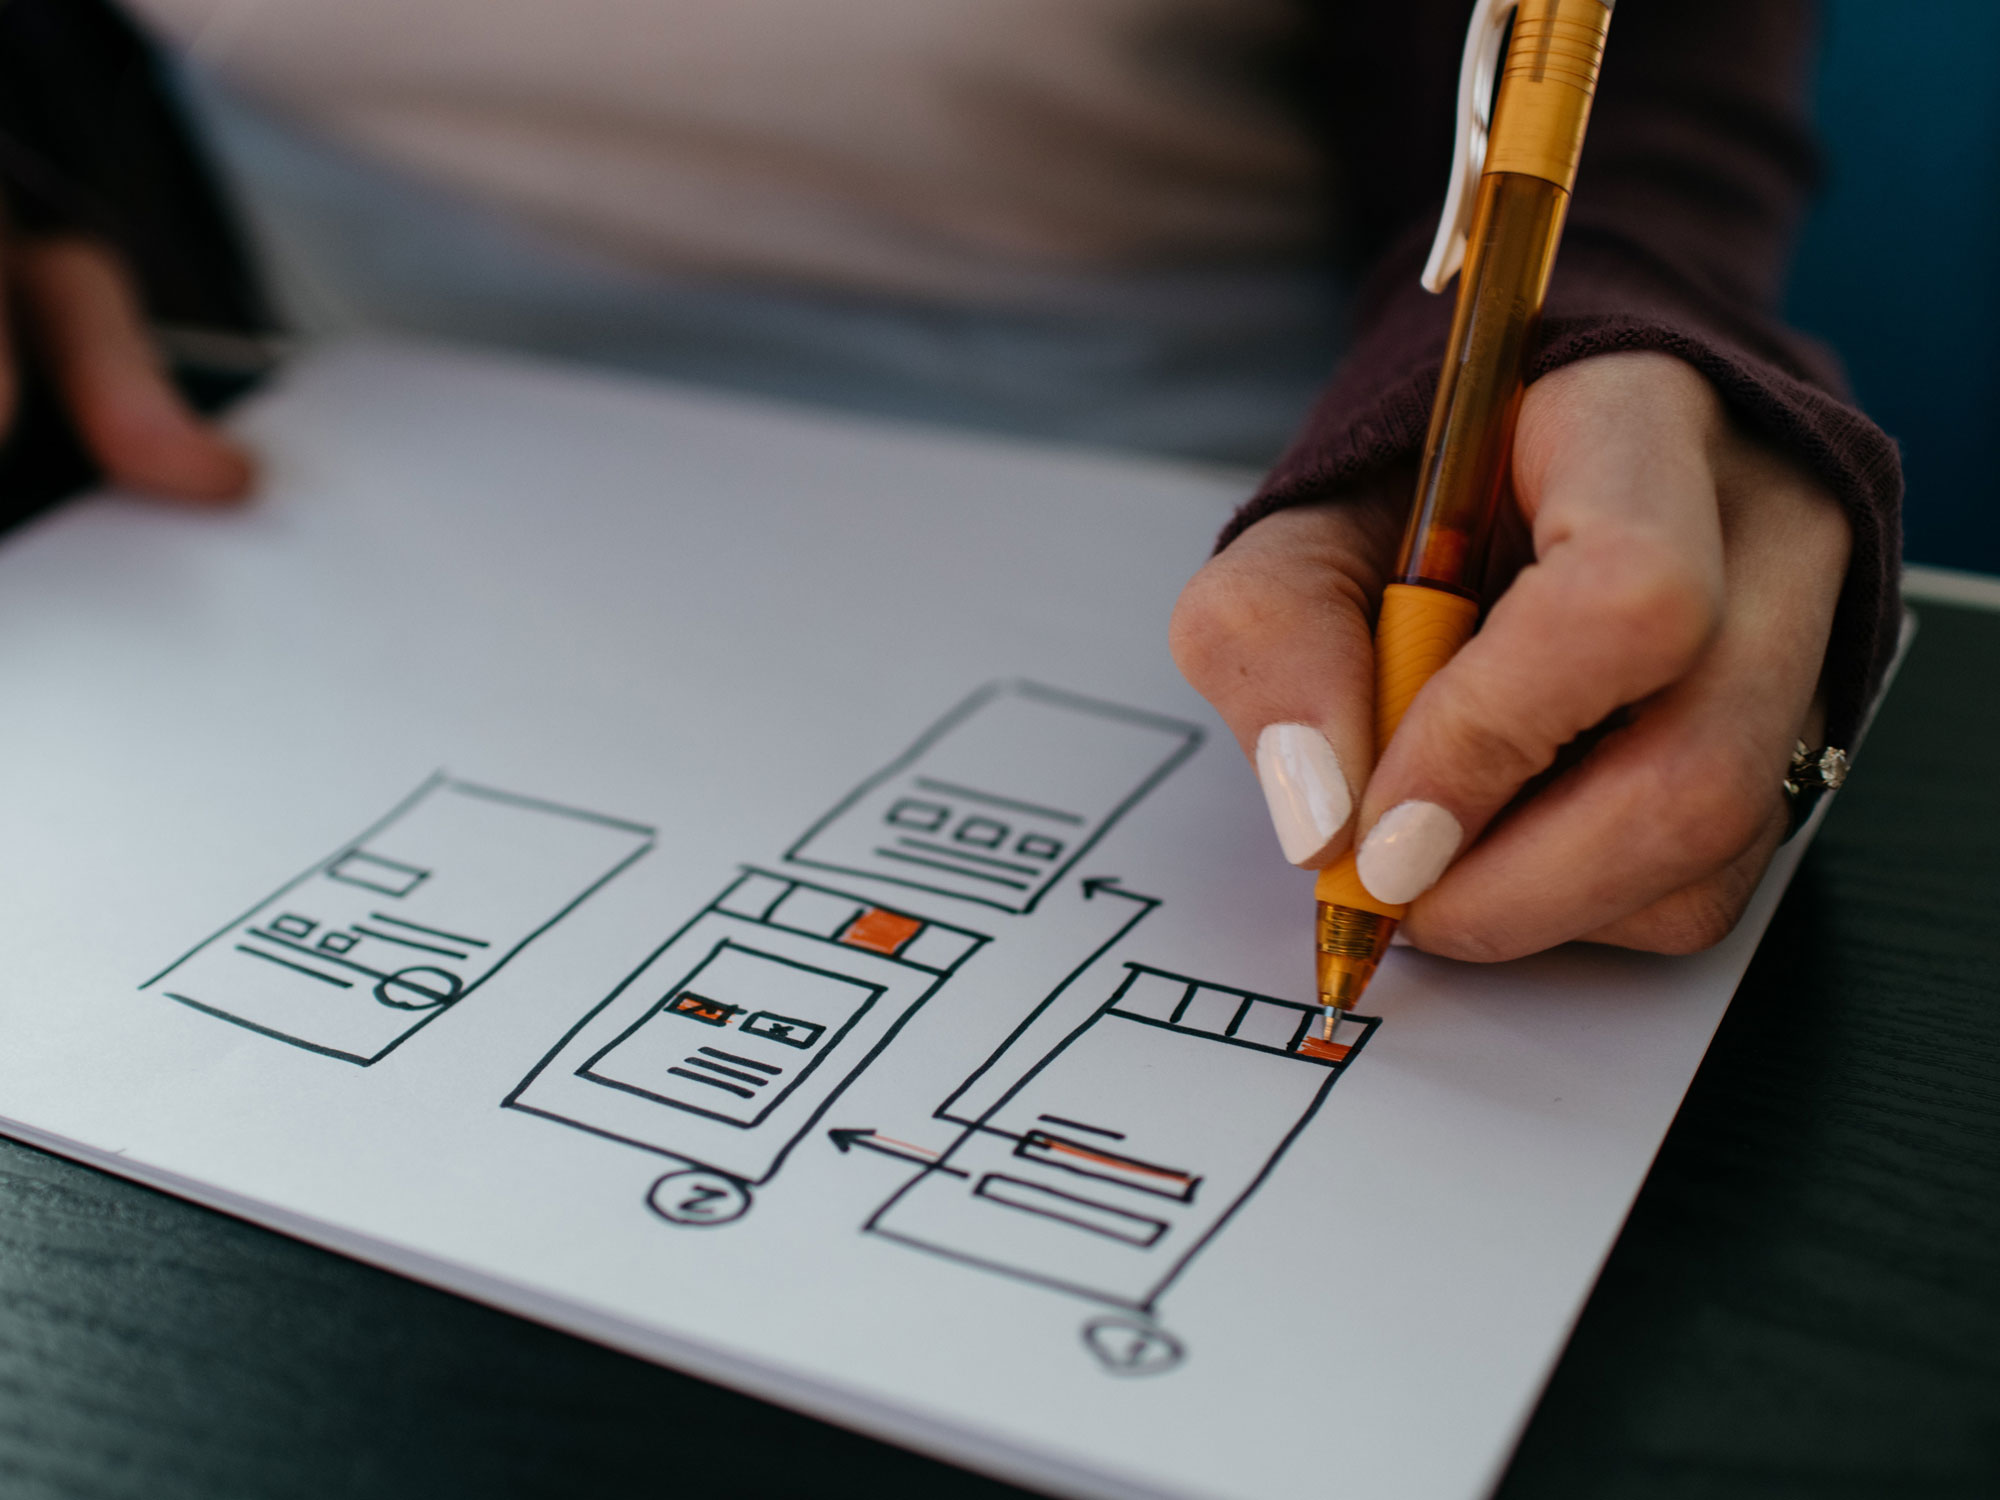 Les meilleurs outils pour créer des wireframes - Agence Sharing